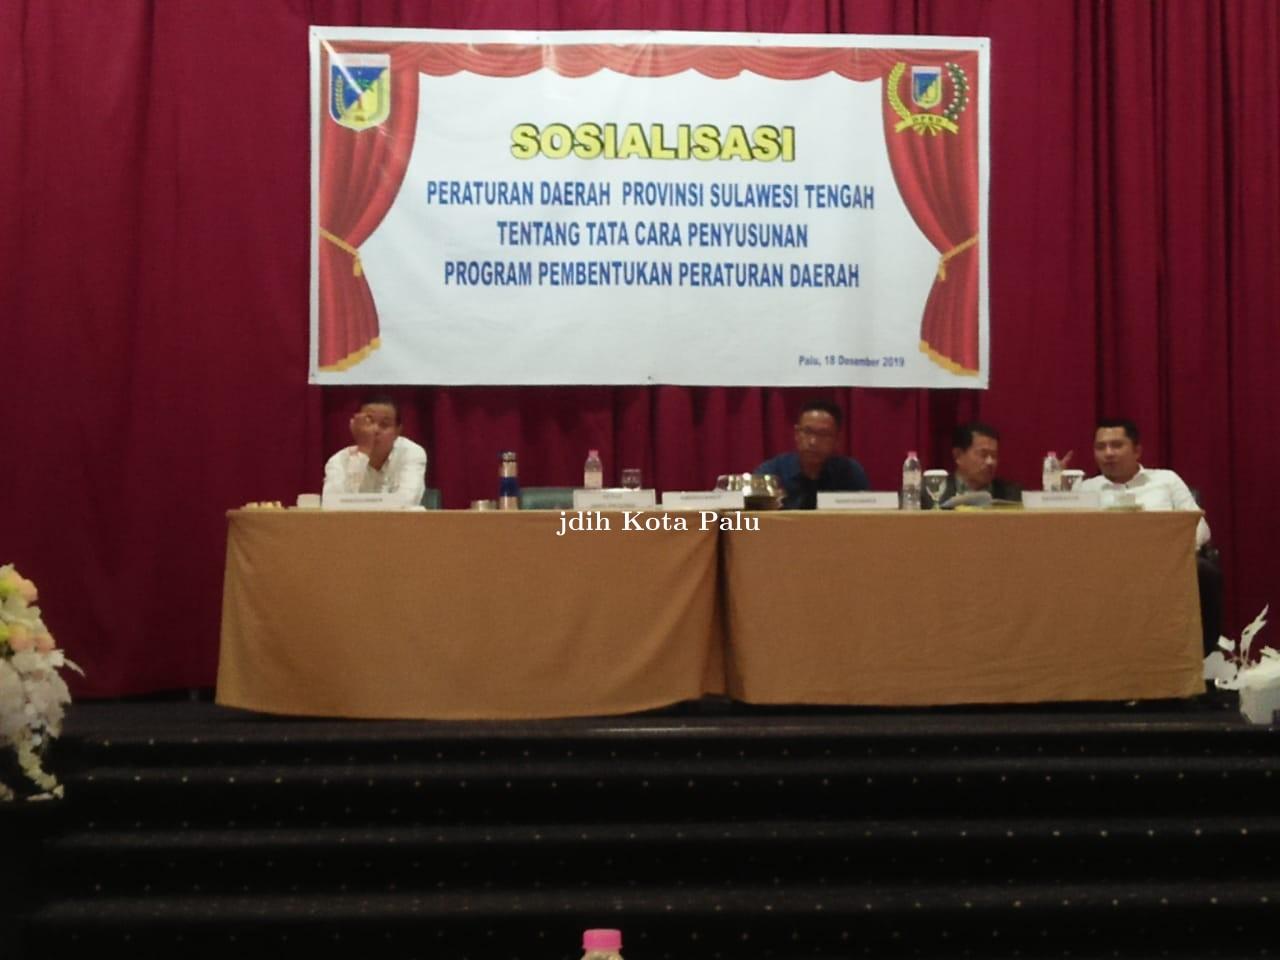 Sosialisasi Perda Provinsi Sulawesi Tengah tentang Tatacara Penyusunan Program Pembentukan Perda